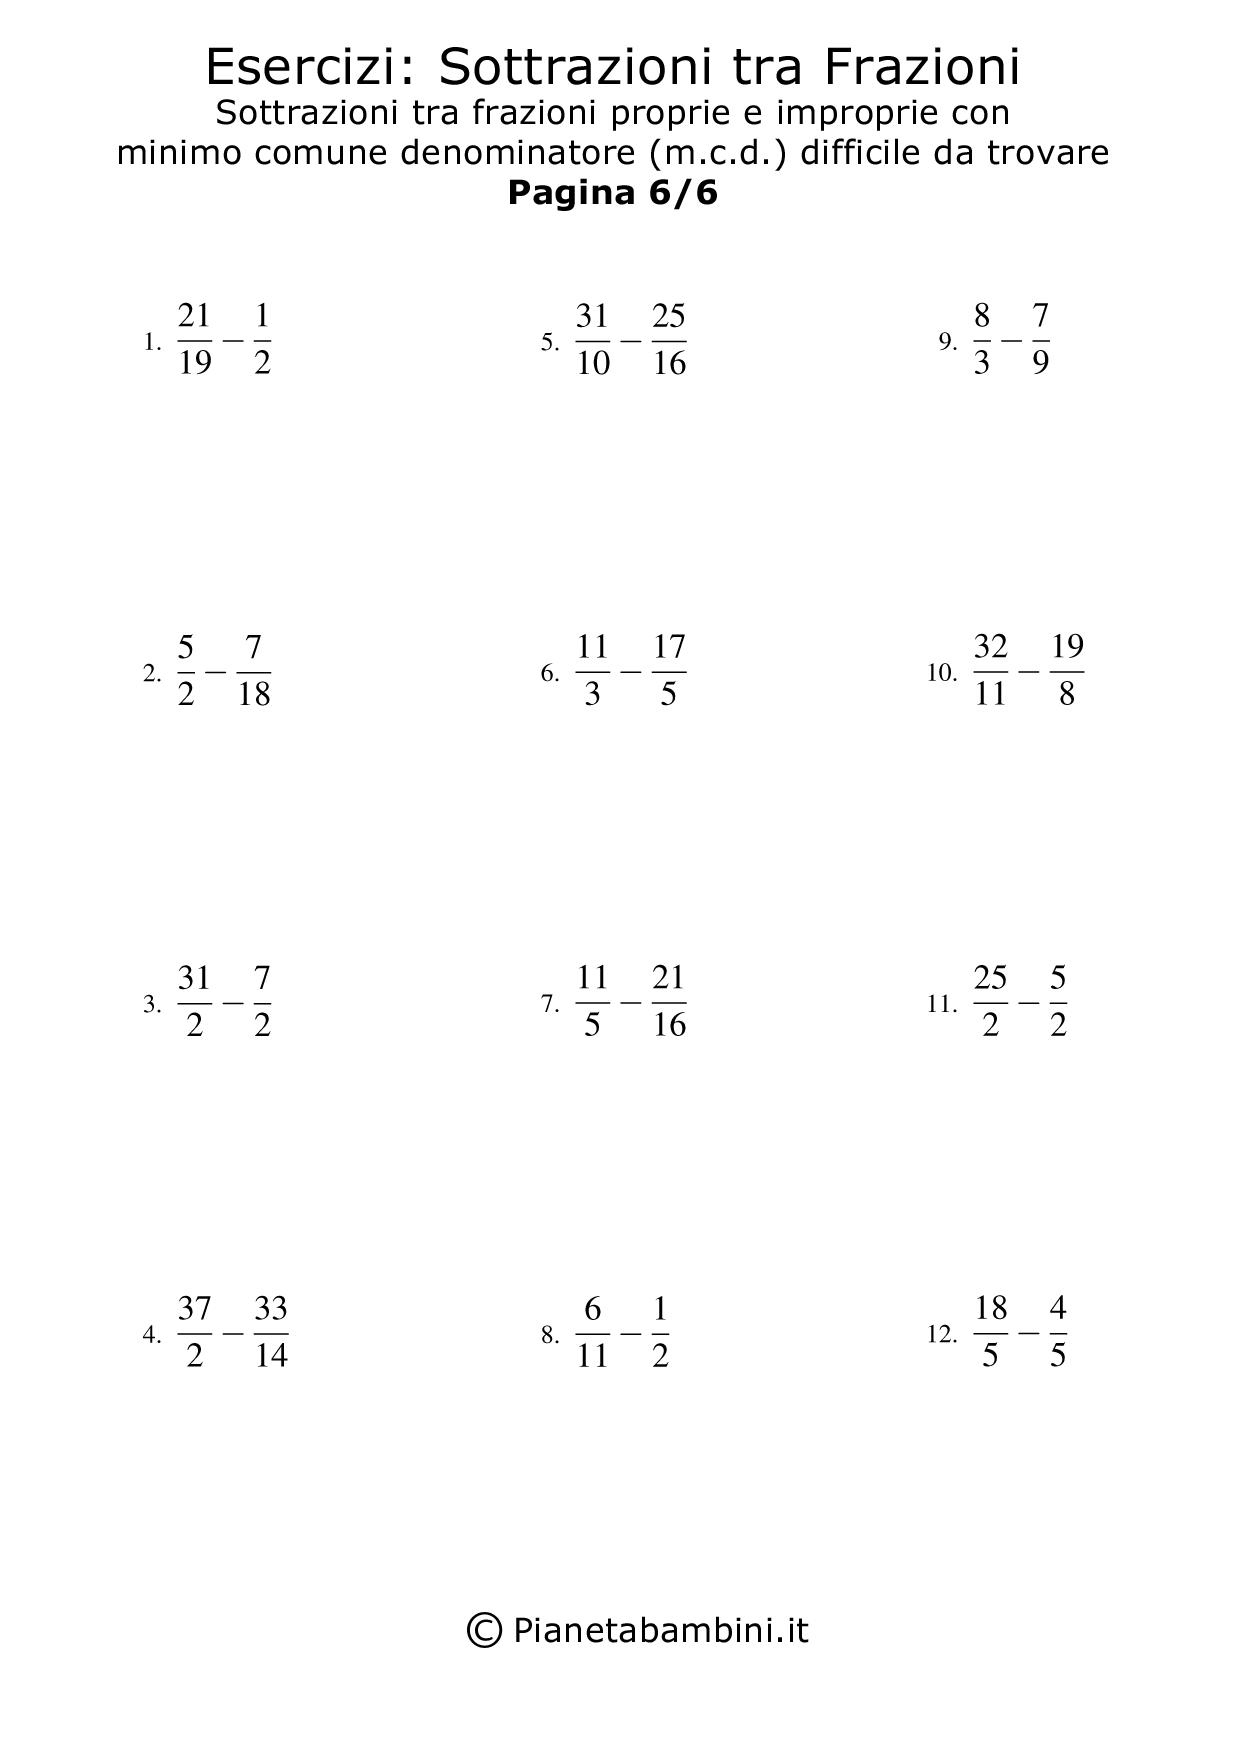 Sottrazioni-Frazioni-m.c.d.-Difficile_6